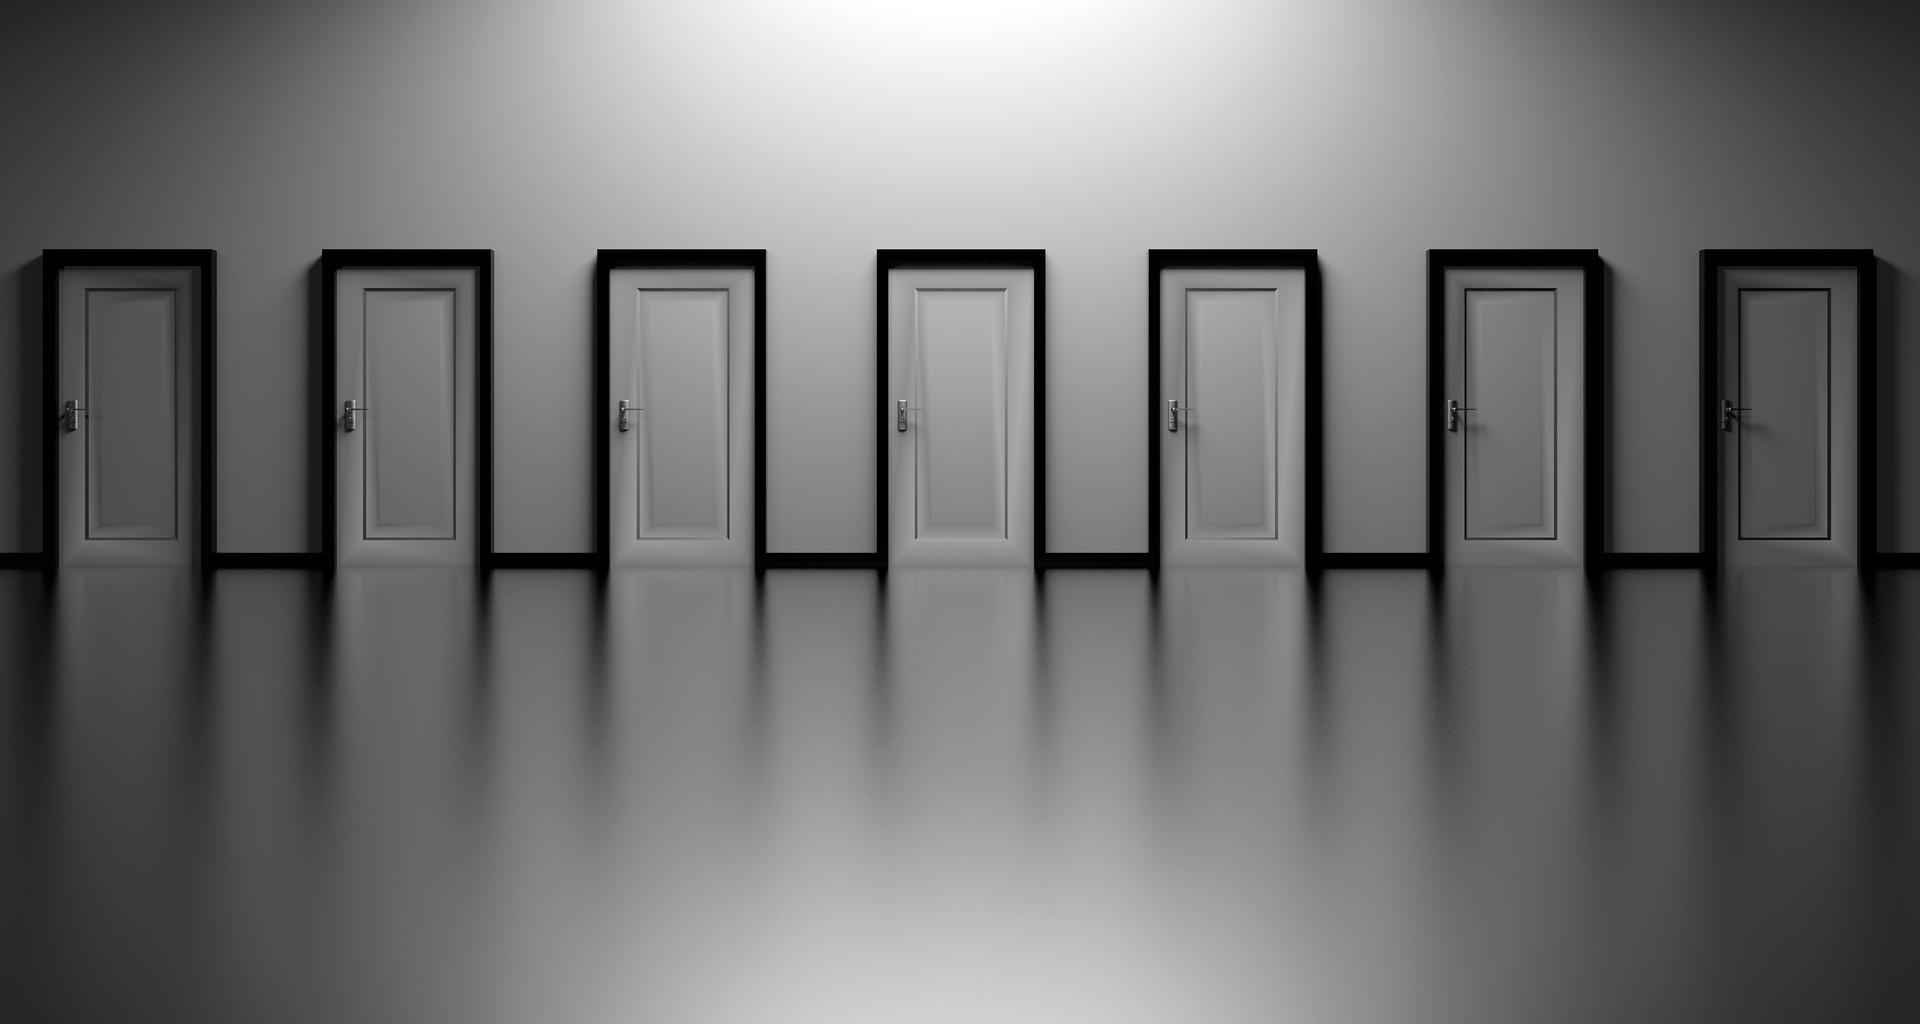 immagine in scala di grigi di una parete con 7 porte chiuse, di colore bianco